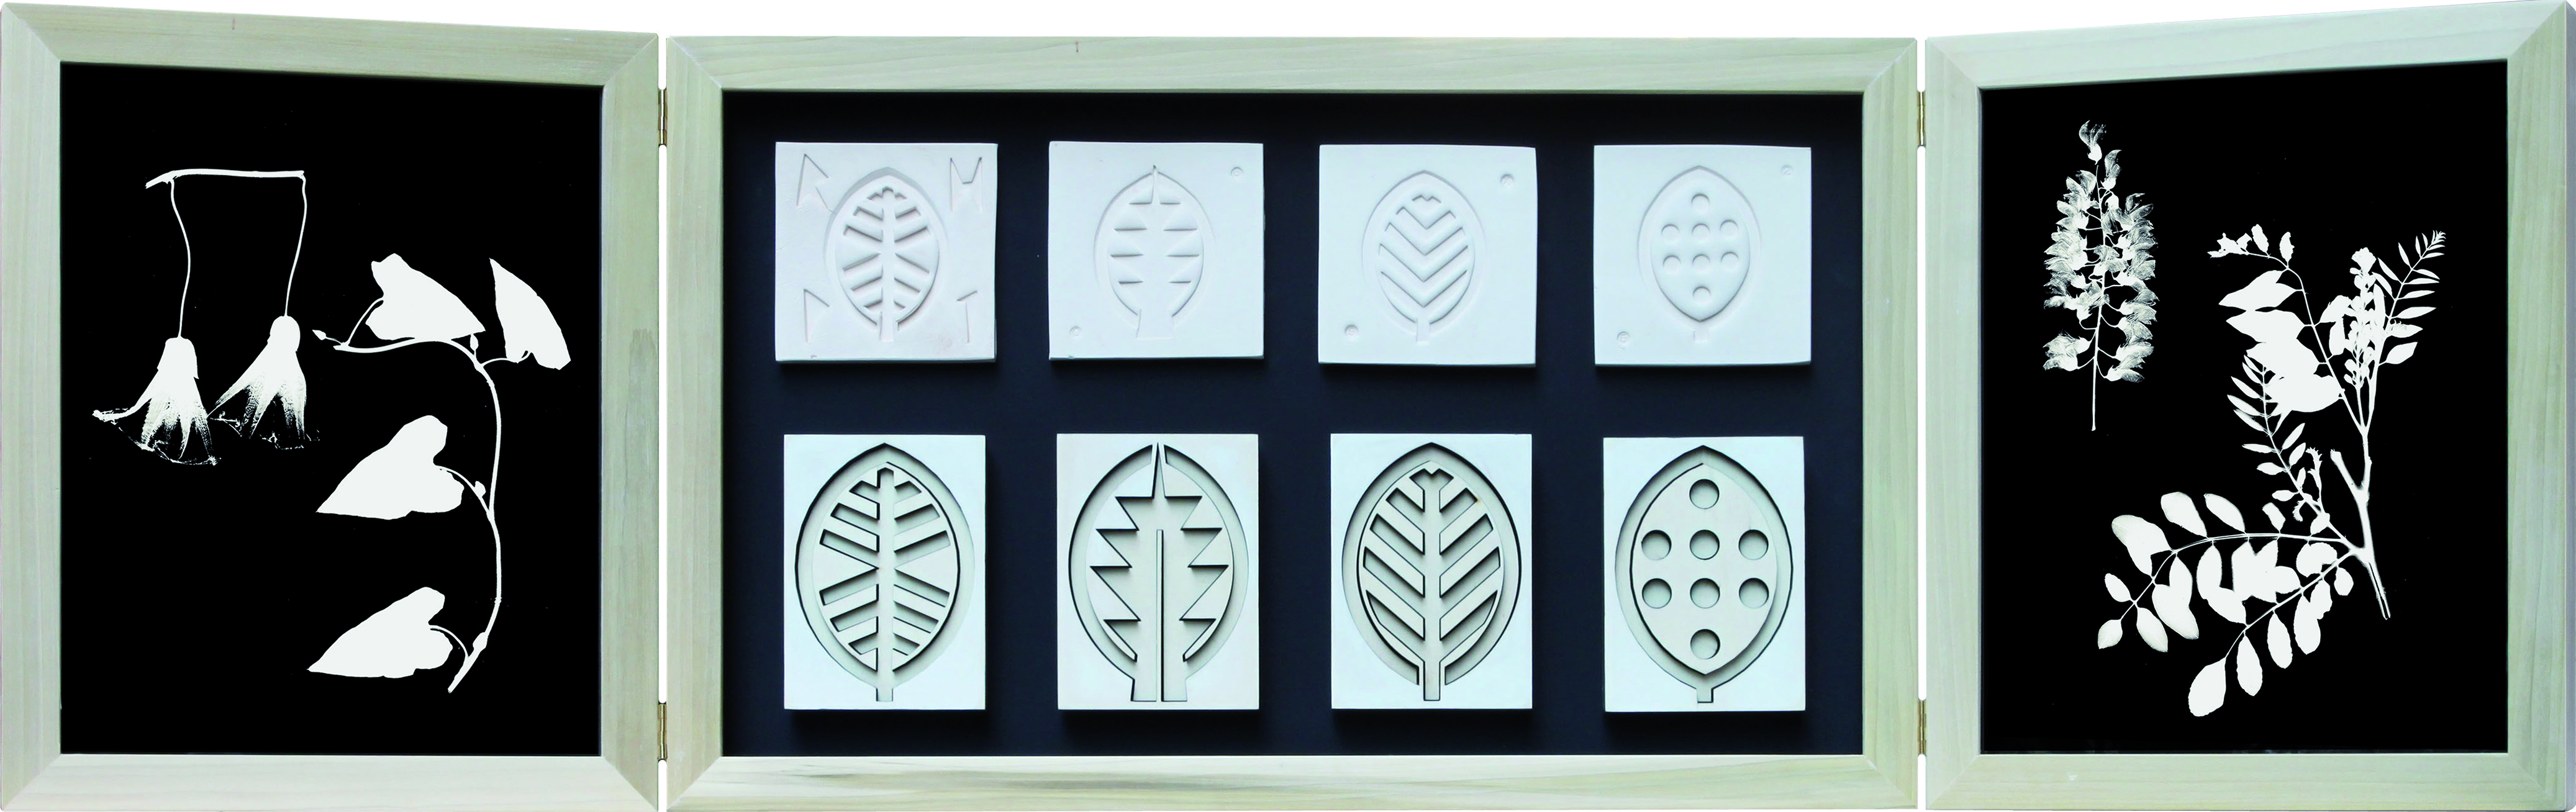 Progetto di foglie: confronto materico, 2015